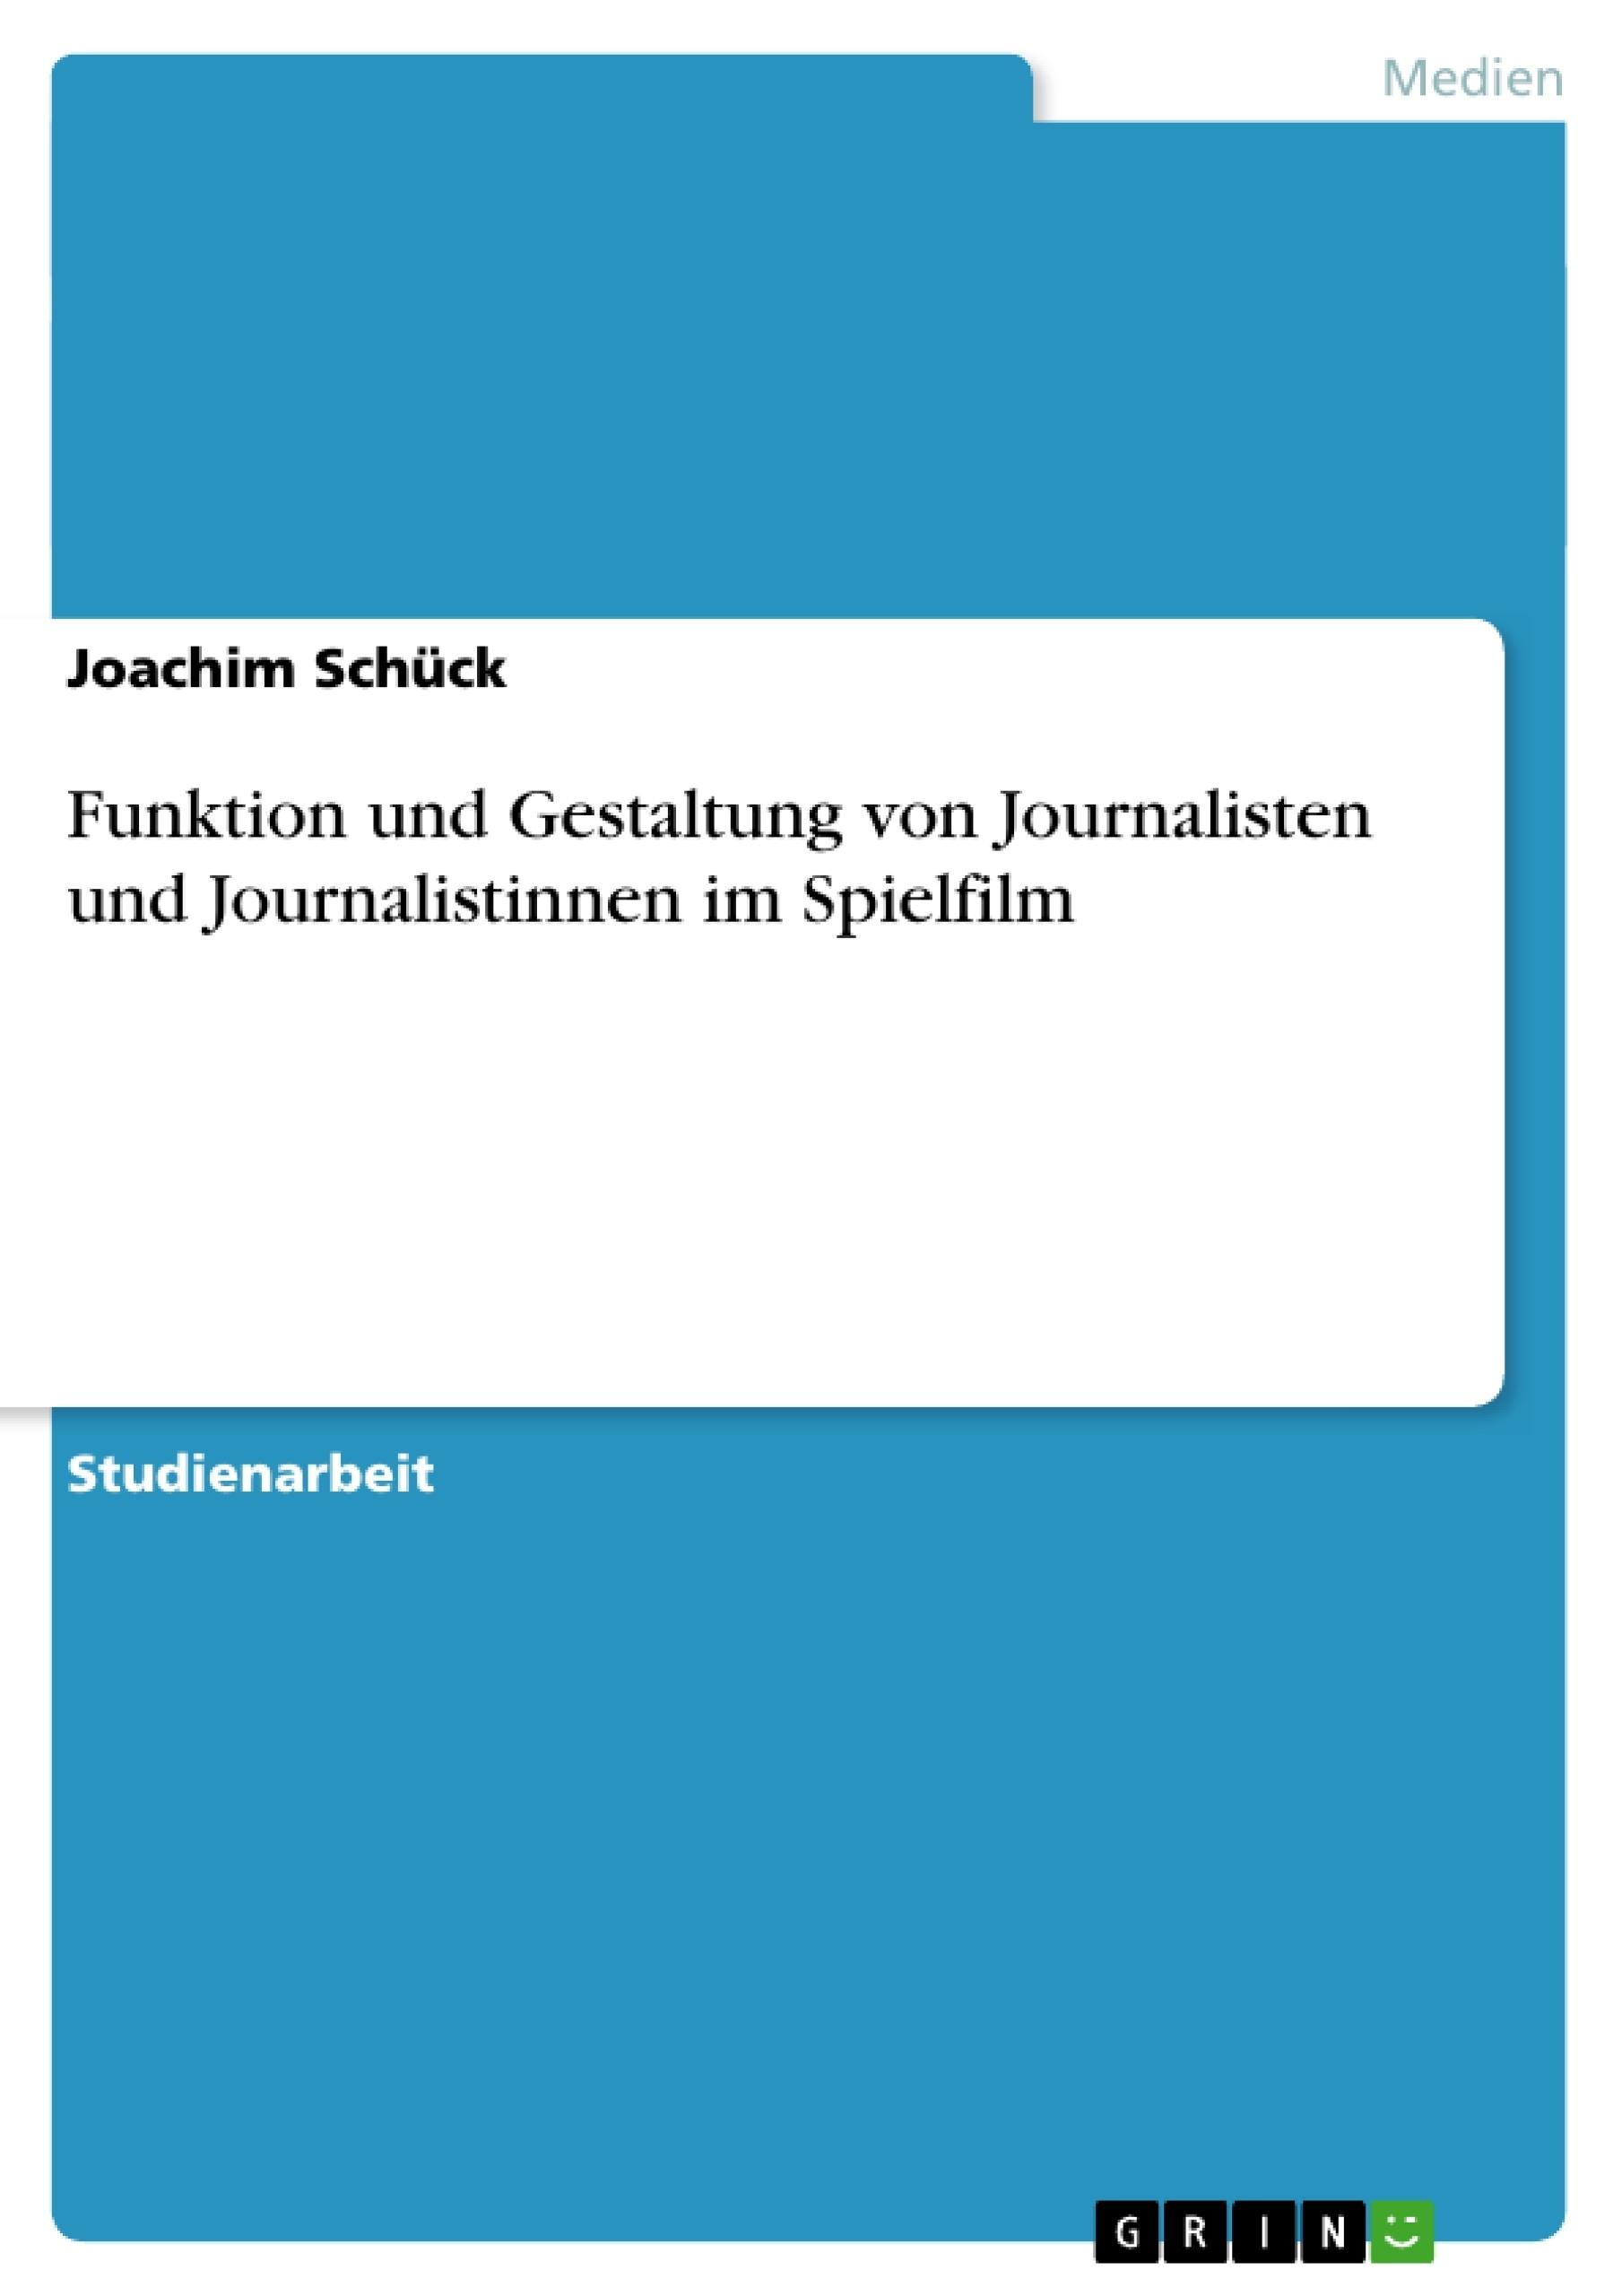 Titel: Funktion und Gestaltung von Journalisten und Journalistinnen im Spielfilm